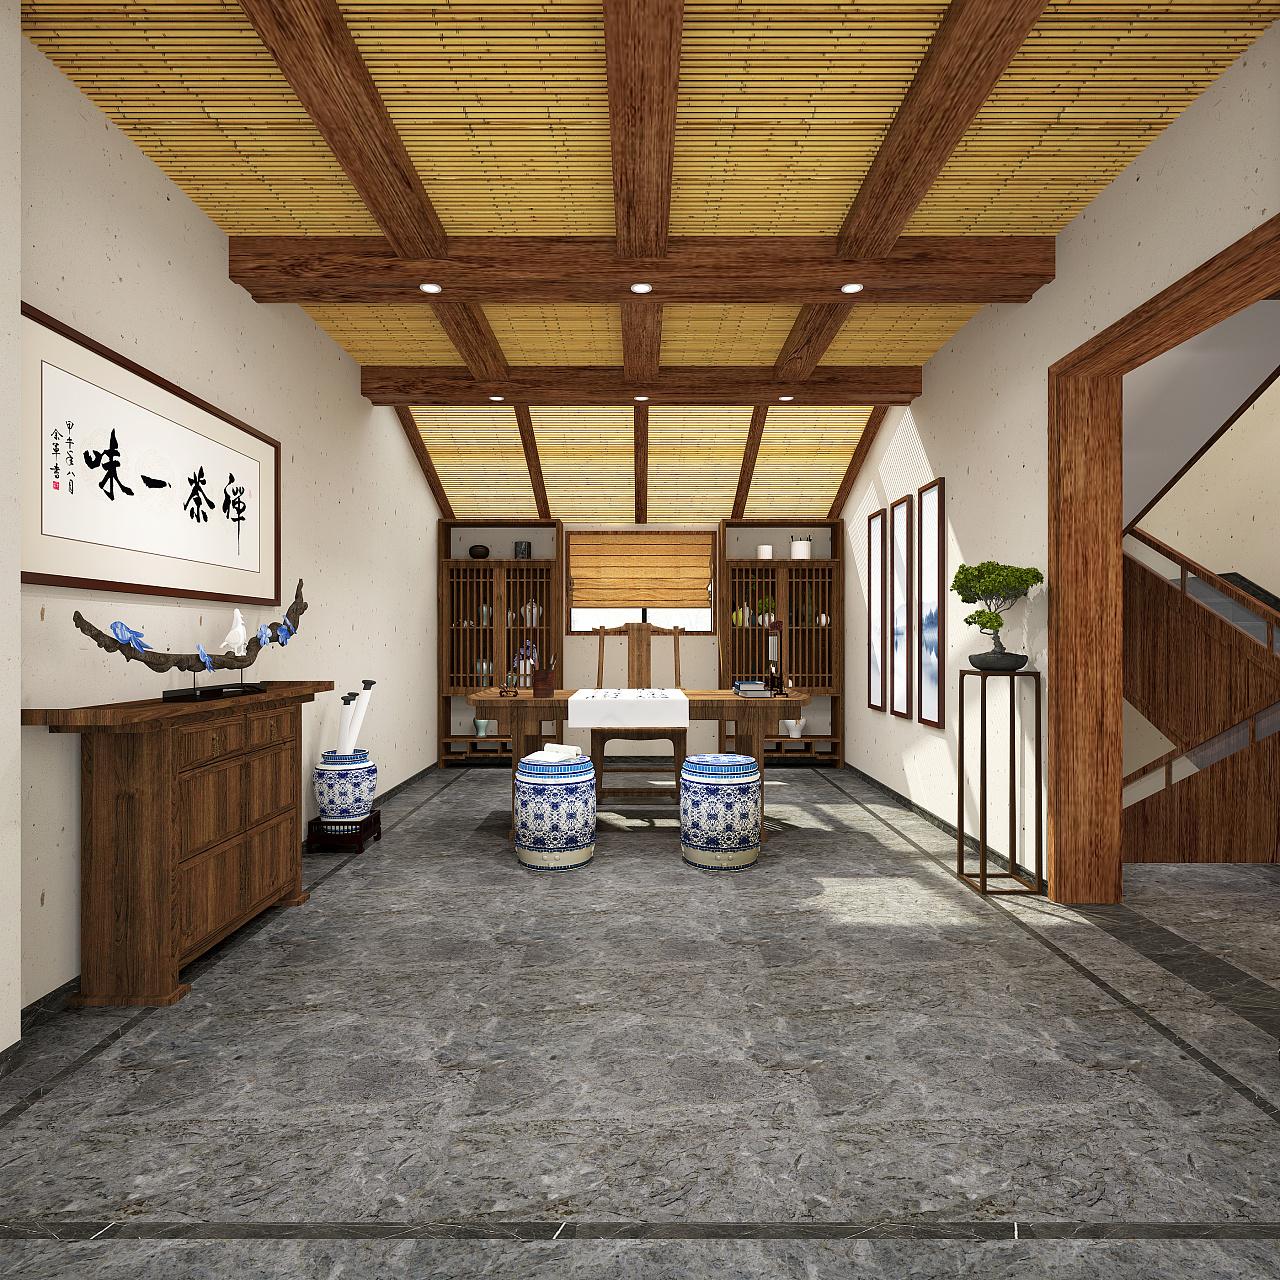 山楂小院民宿-成都专业民宿装修 成都民宿设计公司图片